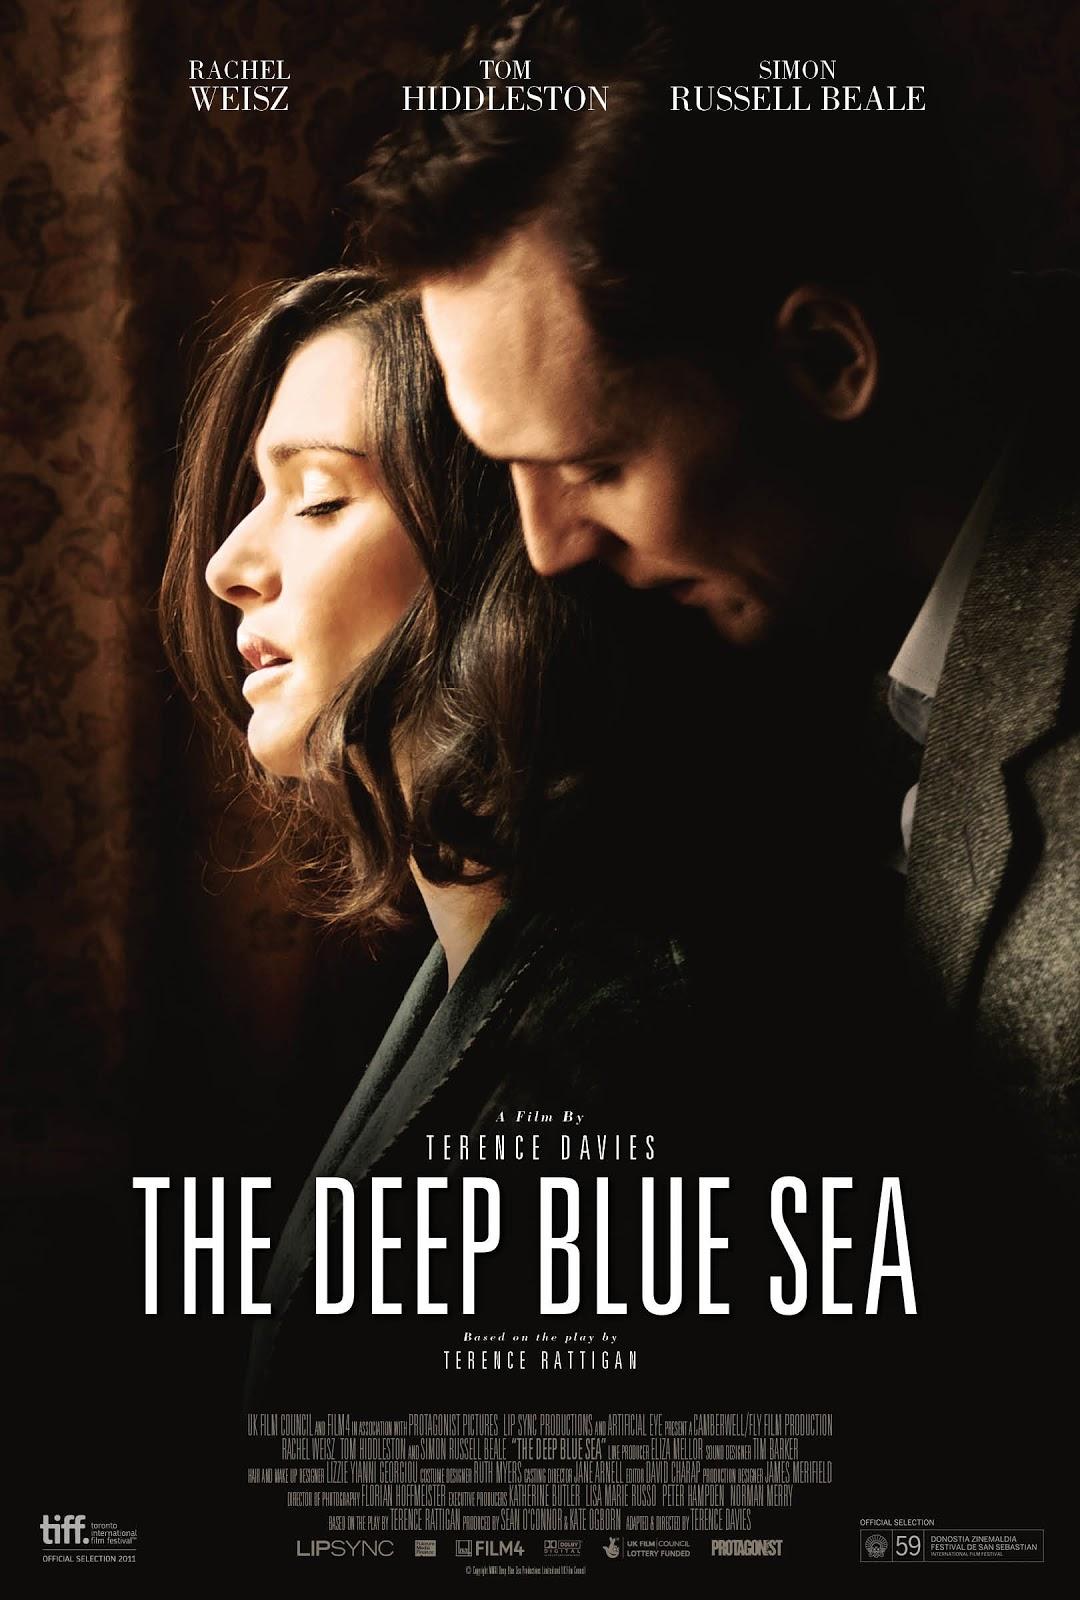 http://3.bp.blogspot.com/-sW9f3gd6FfI/UOxsdln4KdI/AAAAAAAABqU/osKHiQVqfAo/s1600/deep_blue_sea_xxlg.jpg